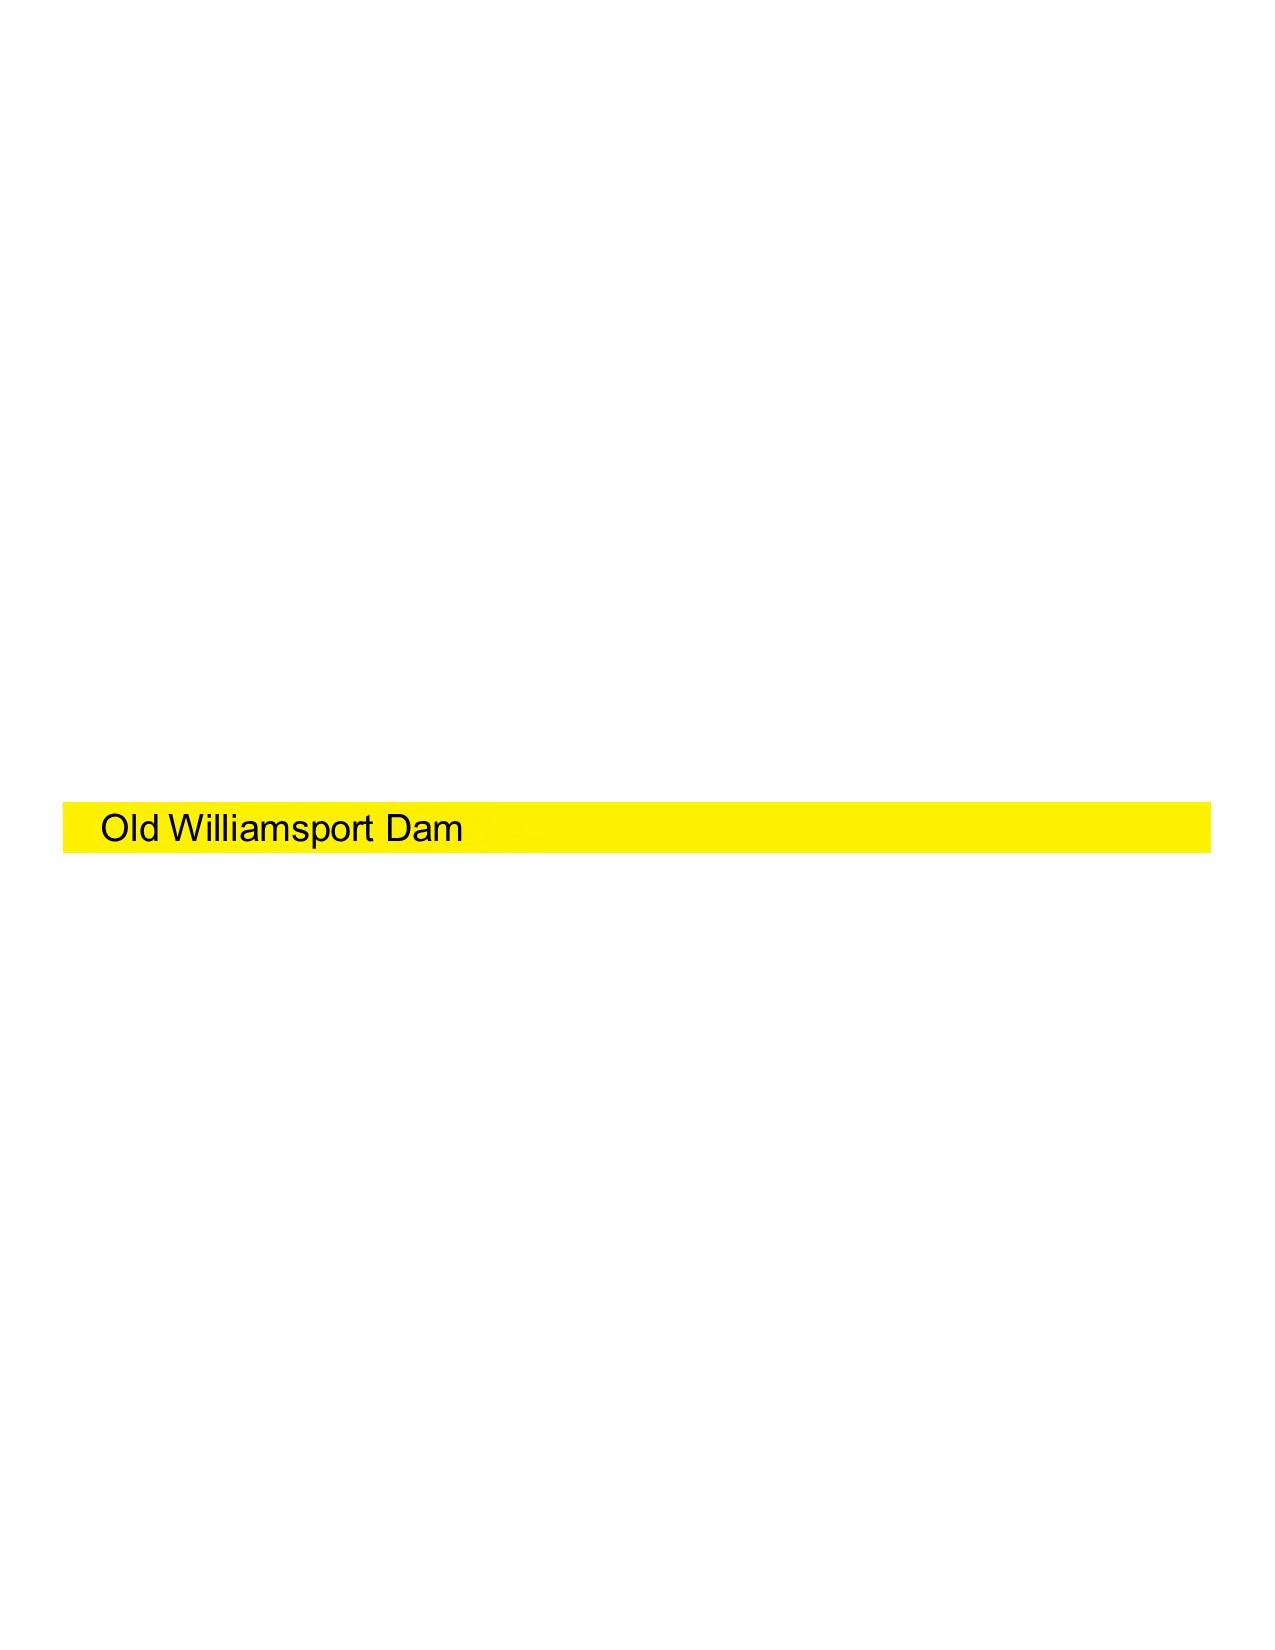 Wmpt_Dam.jpg